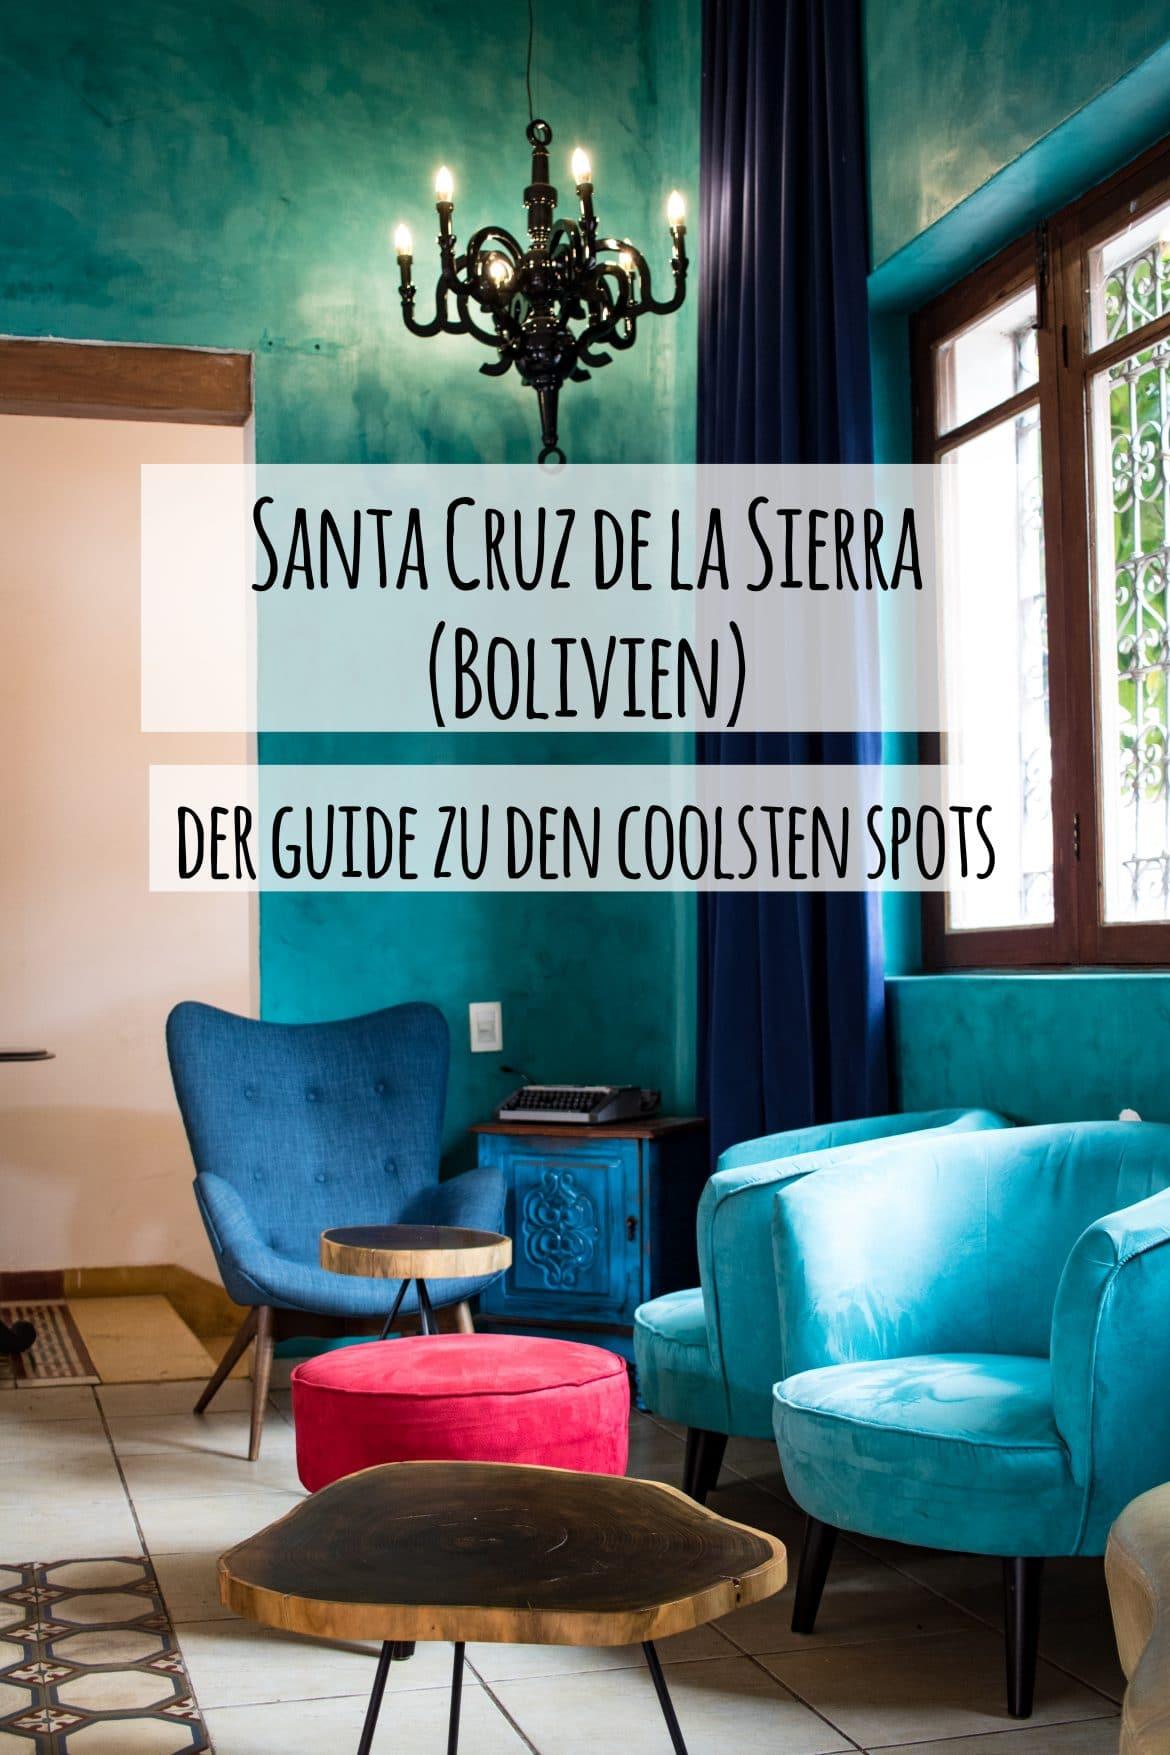 Santa Cruz de la Sierra (Bolivien) haben nur wenige auf ihrem Plan, wenn es nach Bolivien geht. PASSENGER X verrät dir, warum es sich trotzdem lohnt.